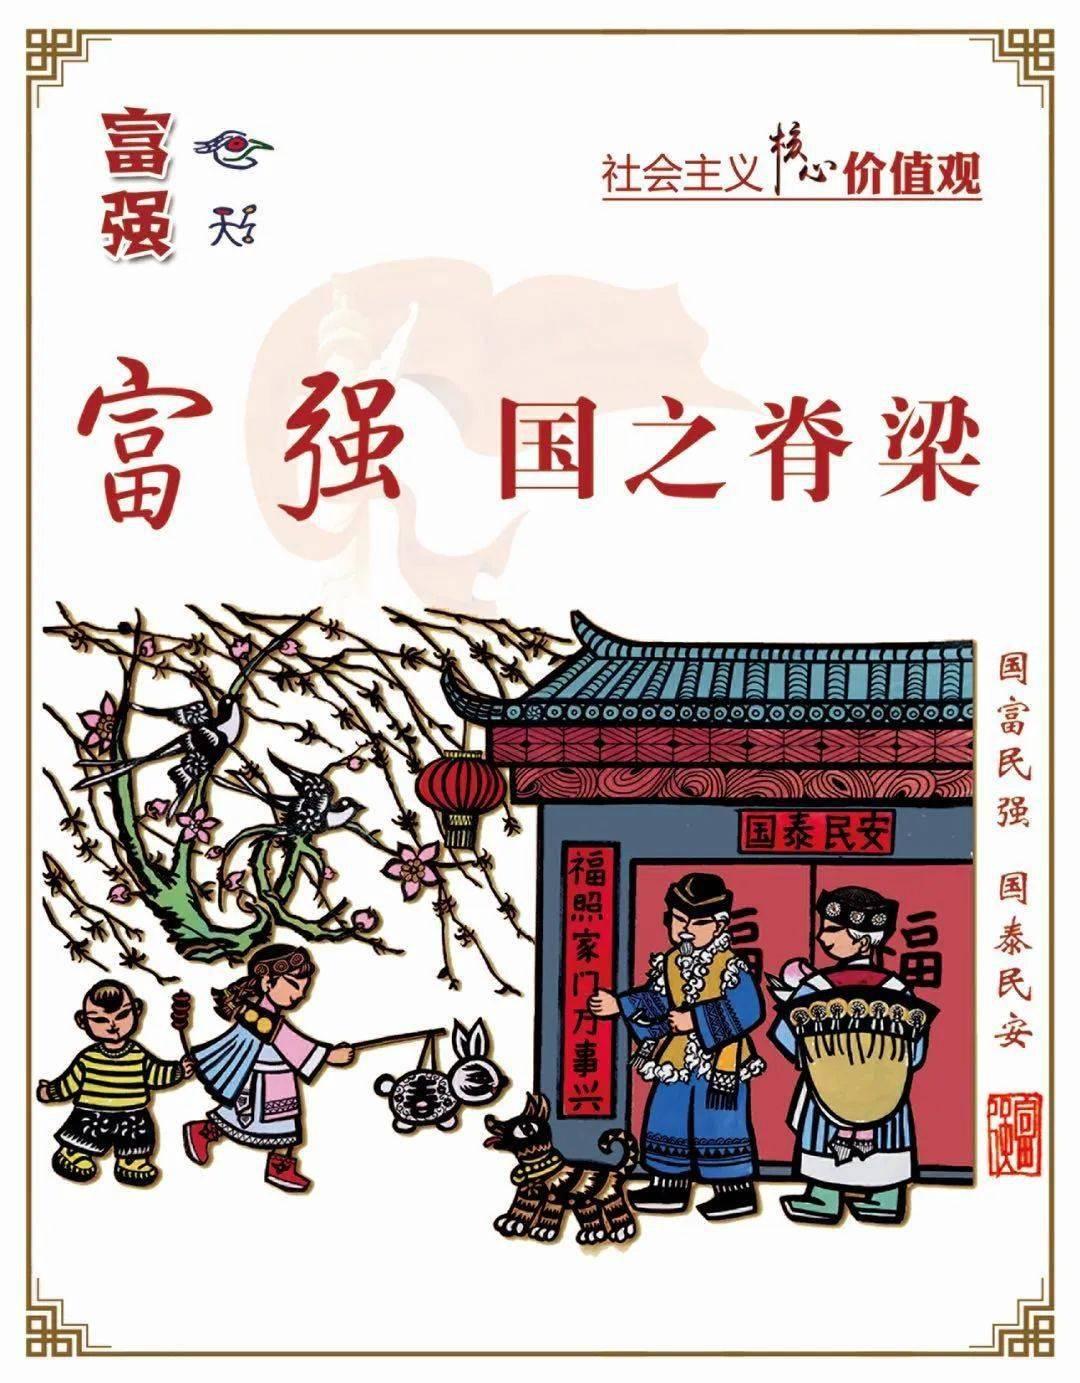 宁蒗人口数量2020_宁蒗县图片(2)